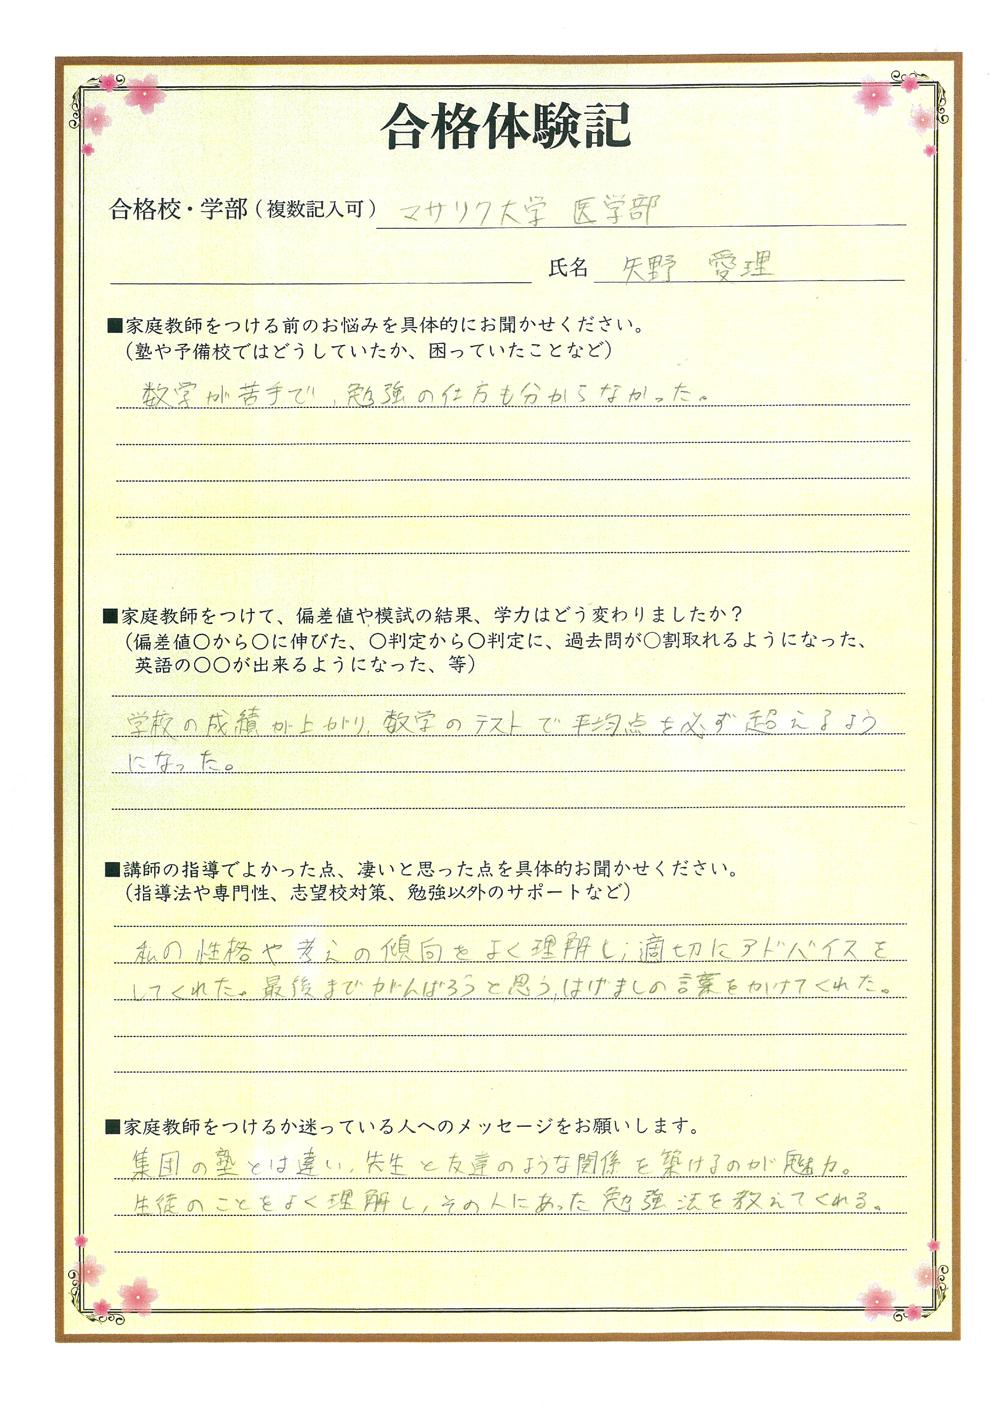 矢野 愛理さんの体験談